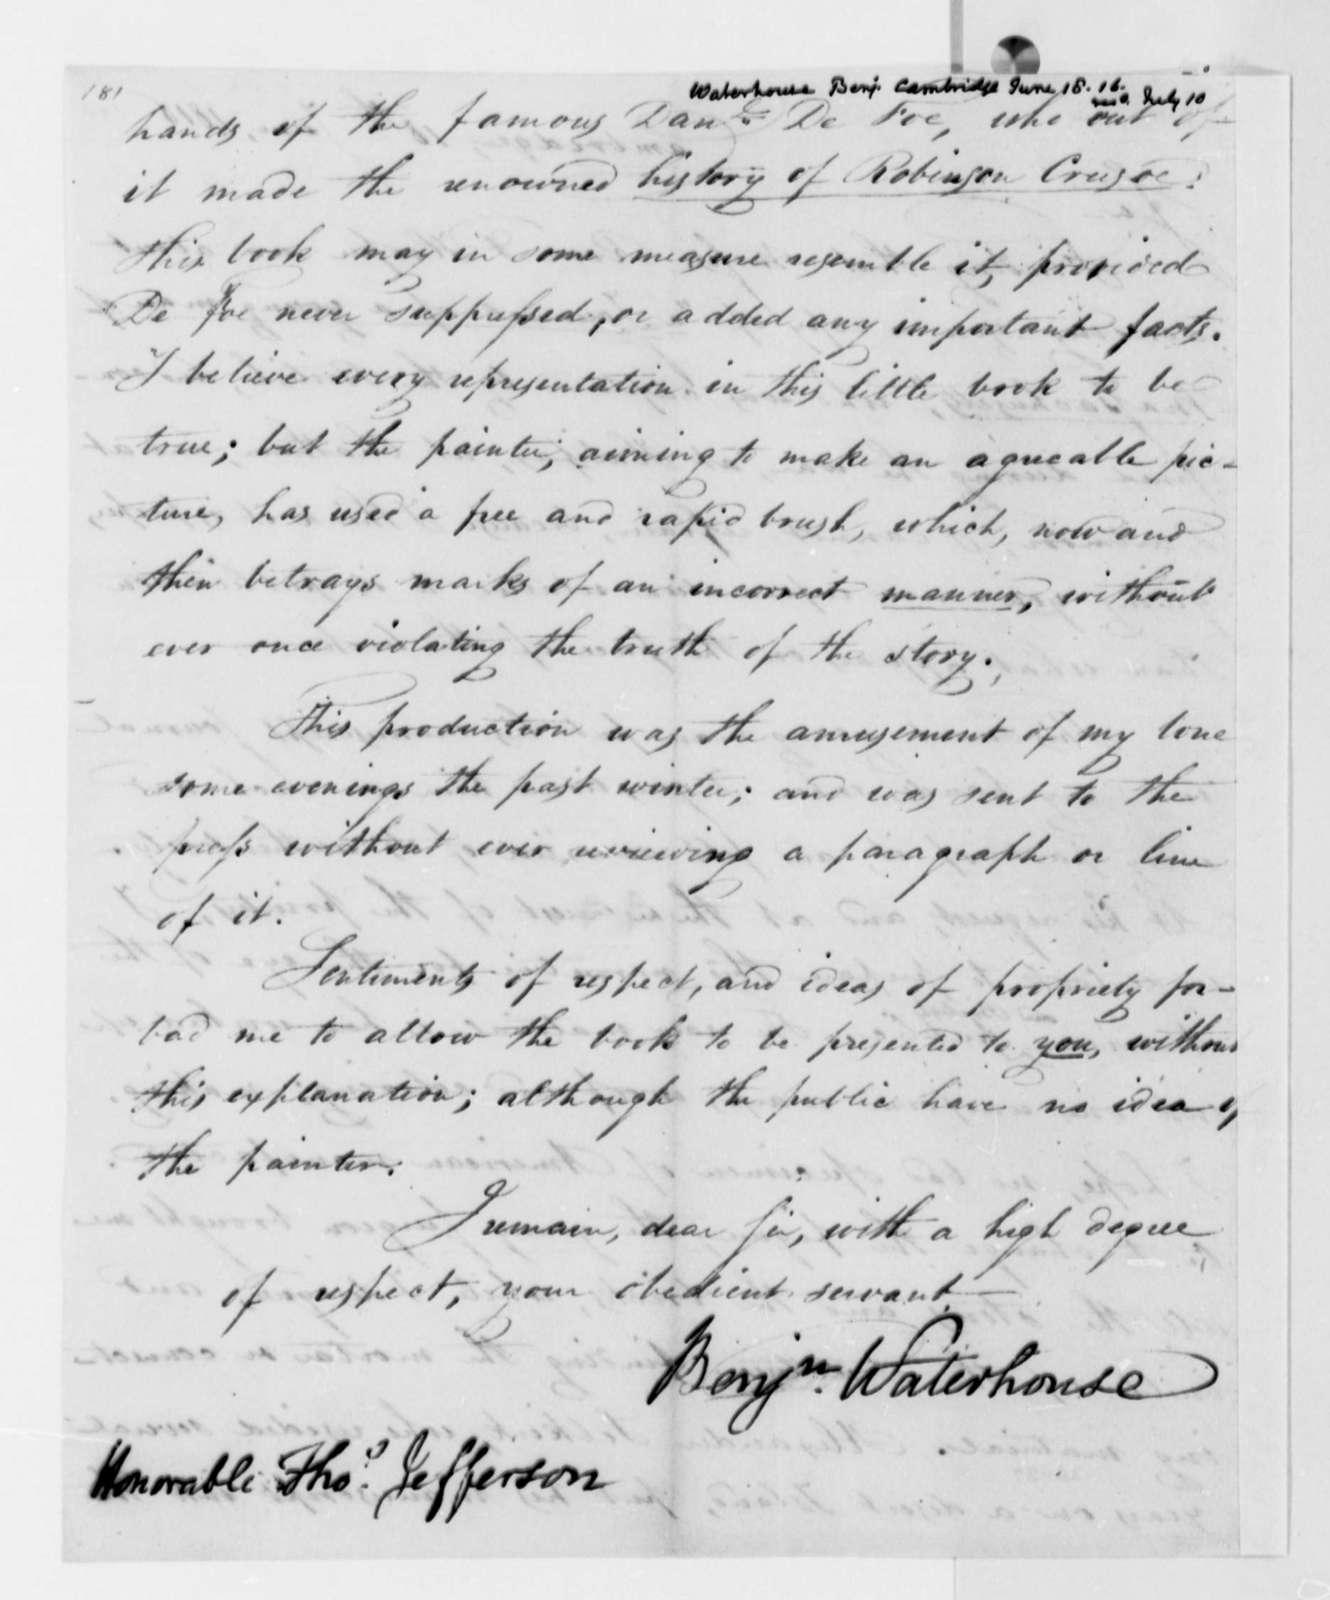 Benjamin Waterhouse to Thomas Jefferson, June 18, 1816